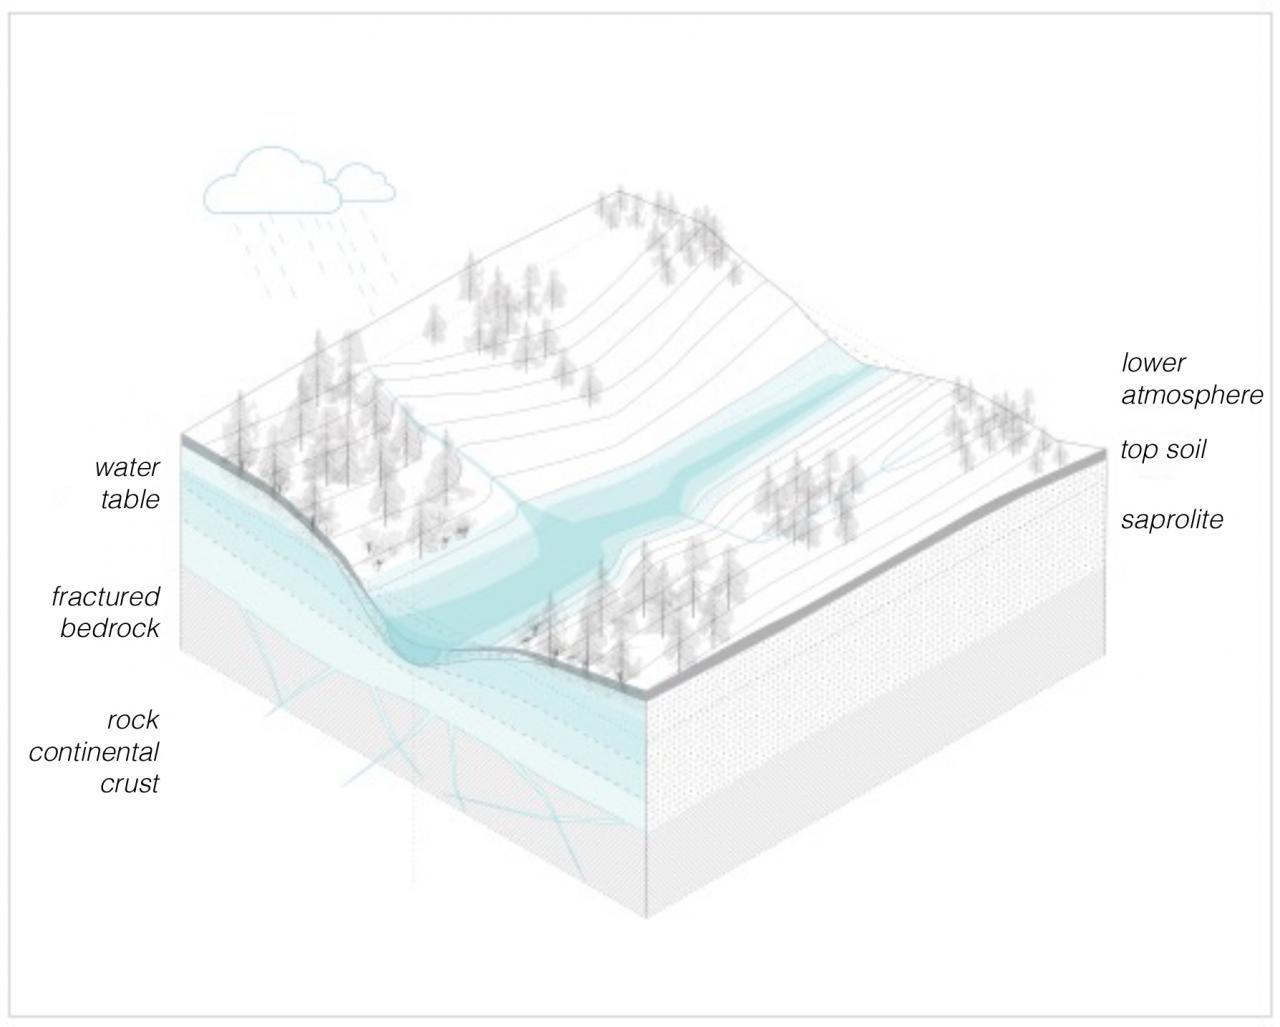 Grafik zur Visualisierung der critical zone in den Geowissenschaften.